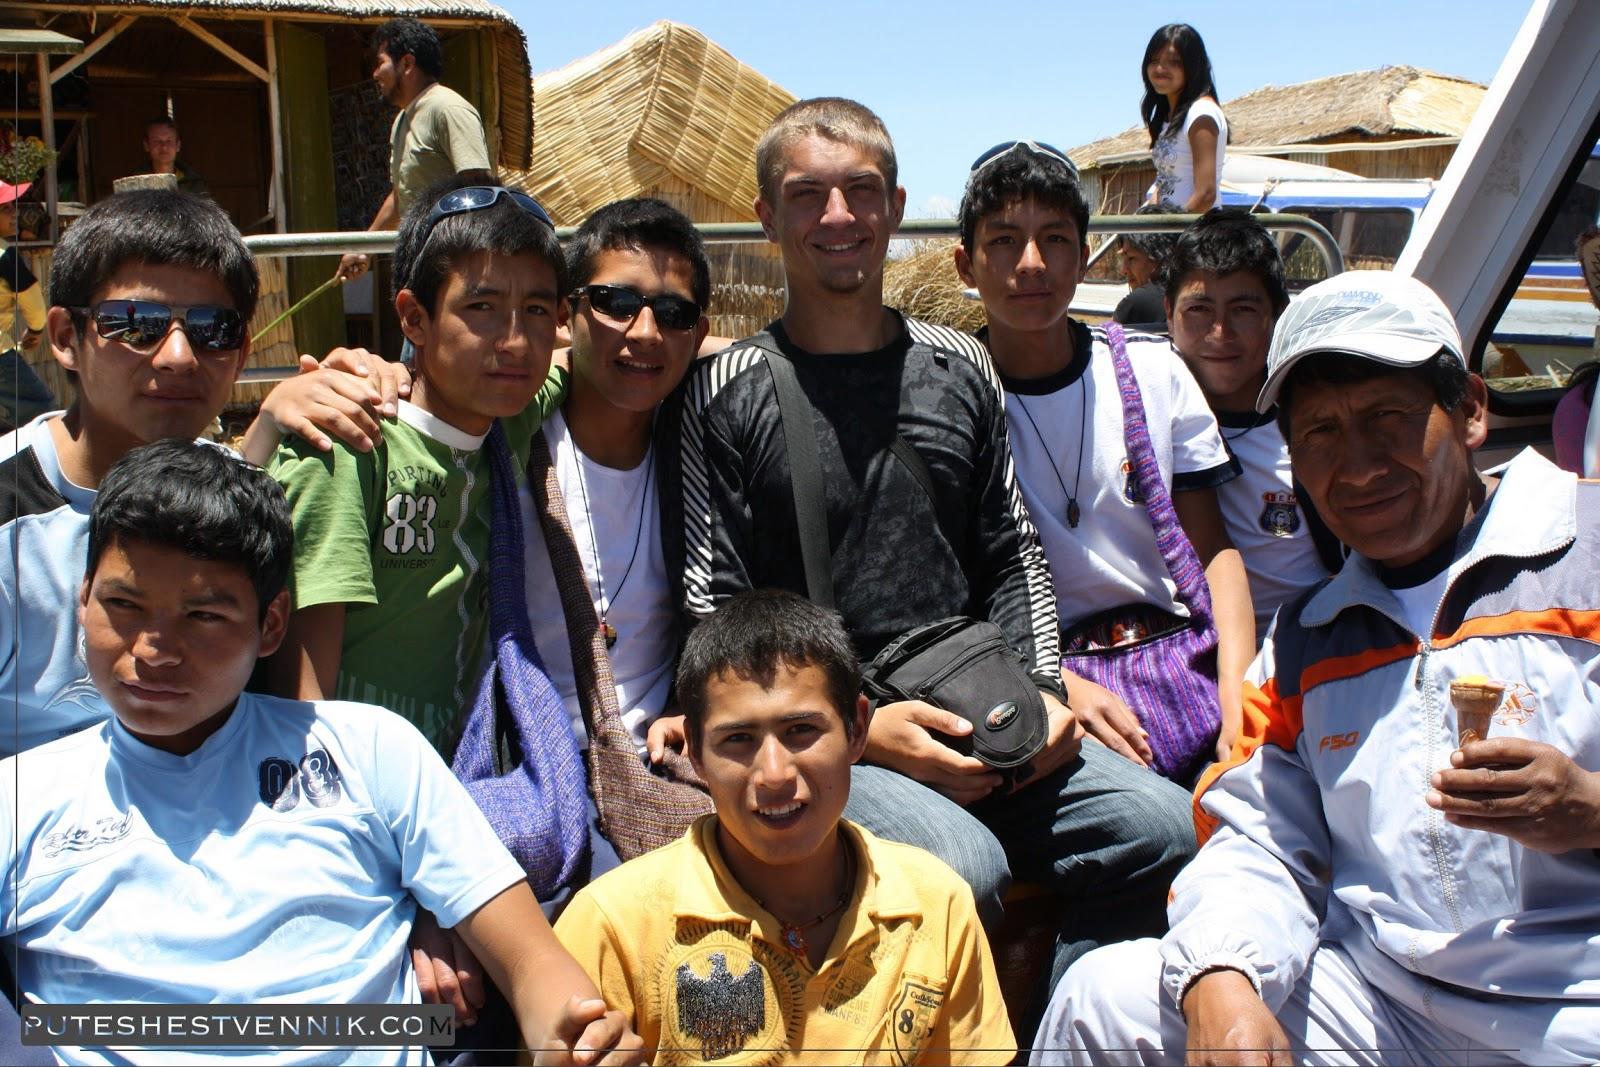 Путешественник и перуанские школьники